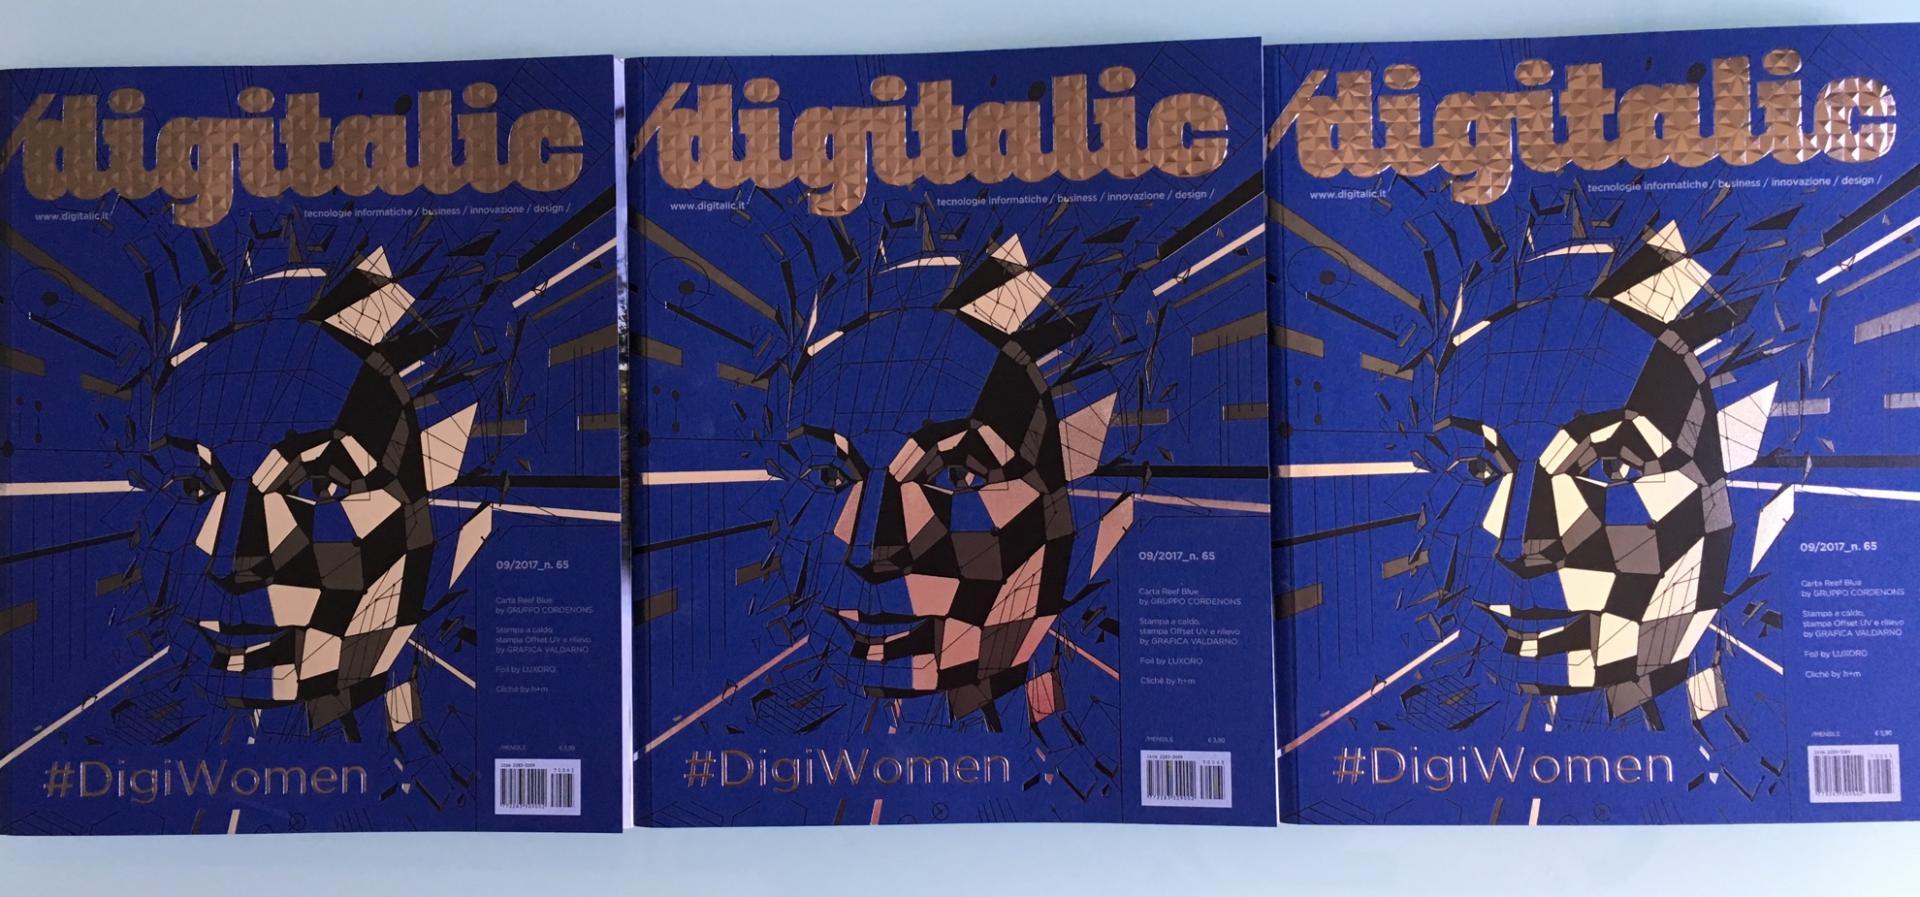 Digitalic n. 65 – DigiWomen 2017  / Autoritratto di Signora